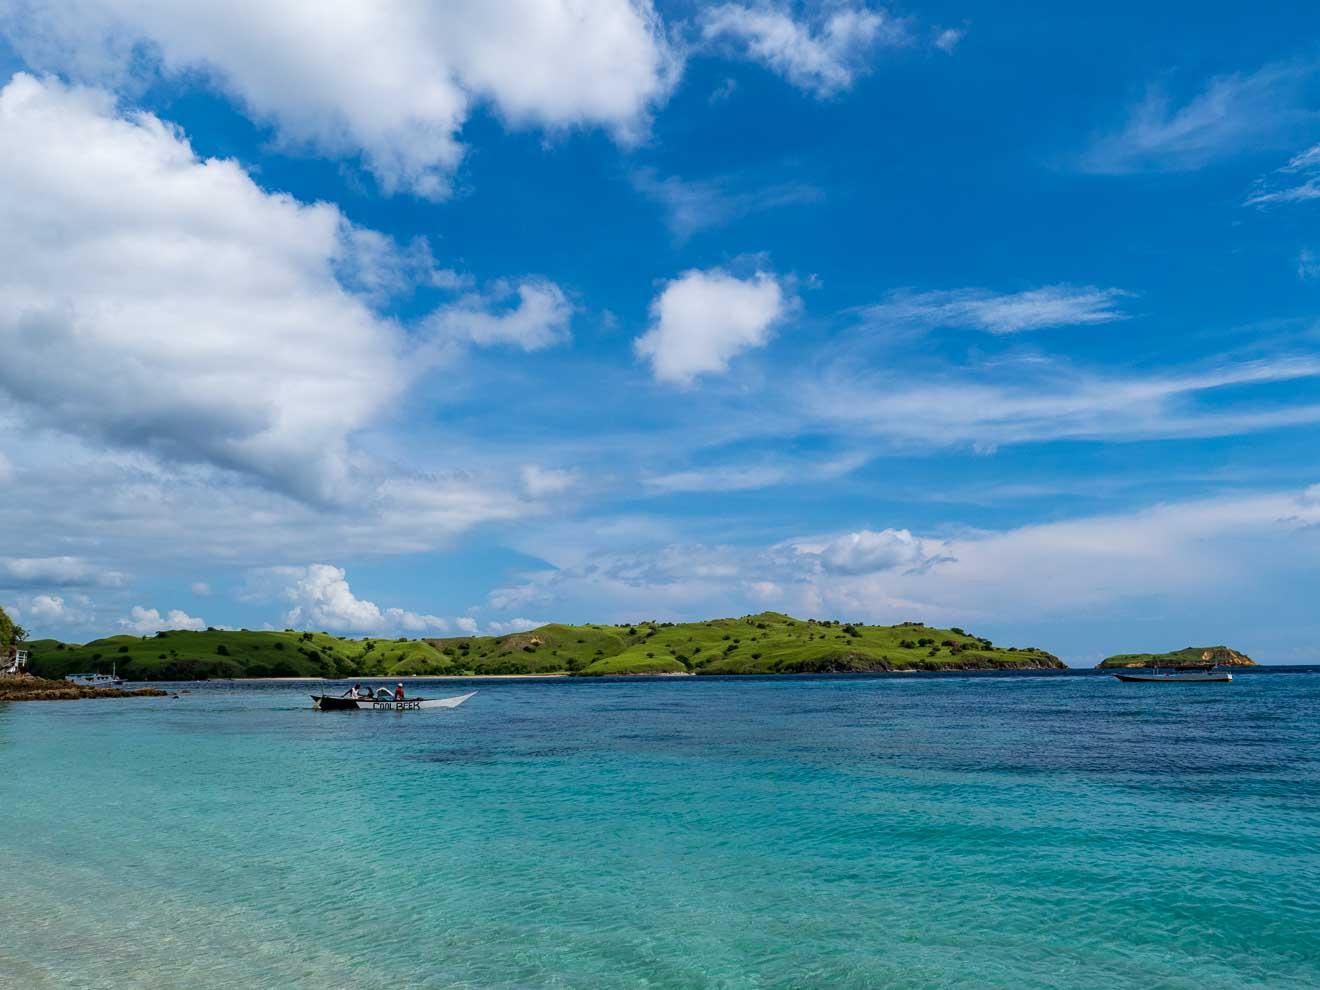 ピンクビーチと碧色の海